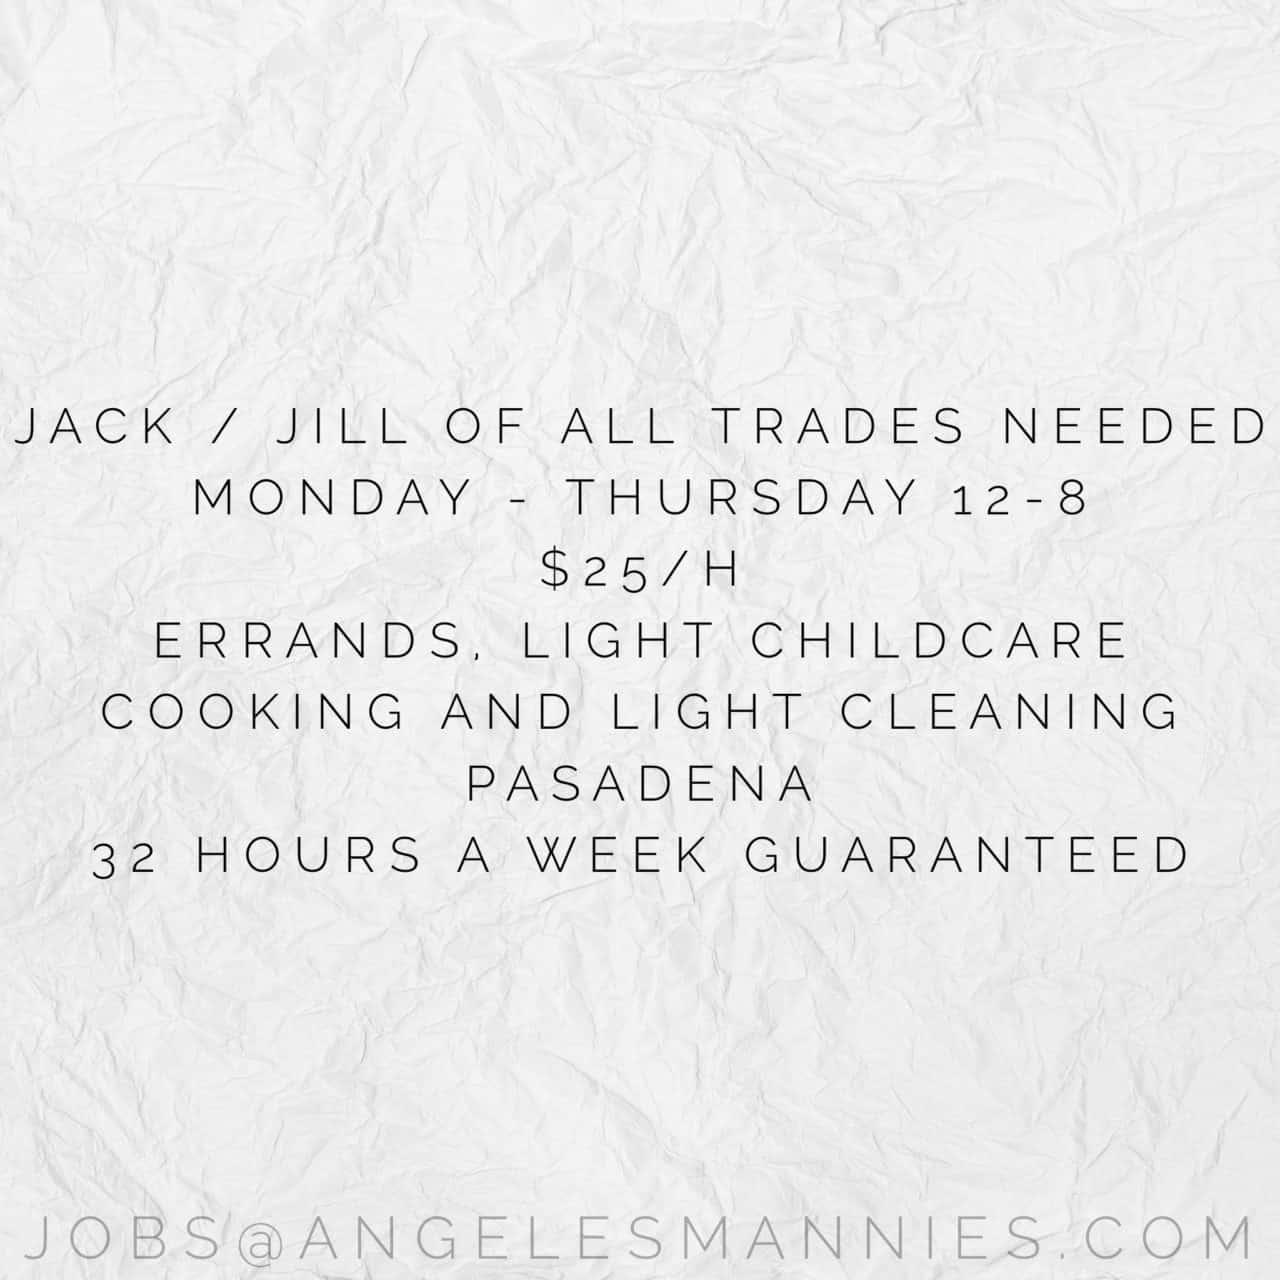 Jill of all trades